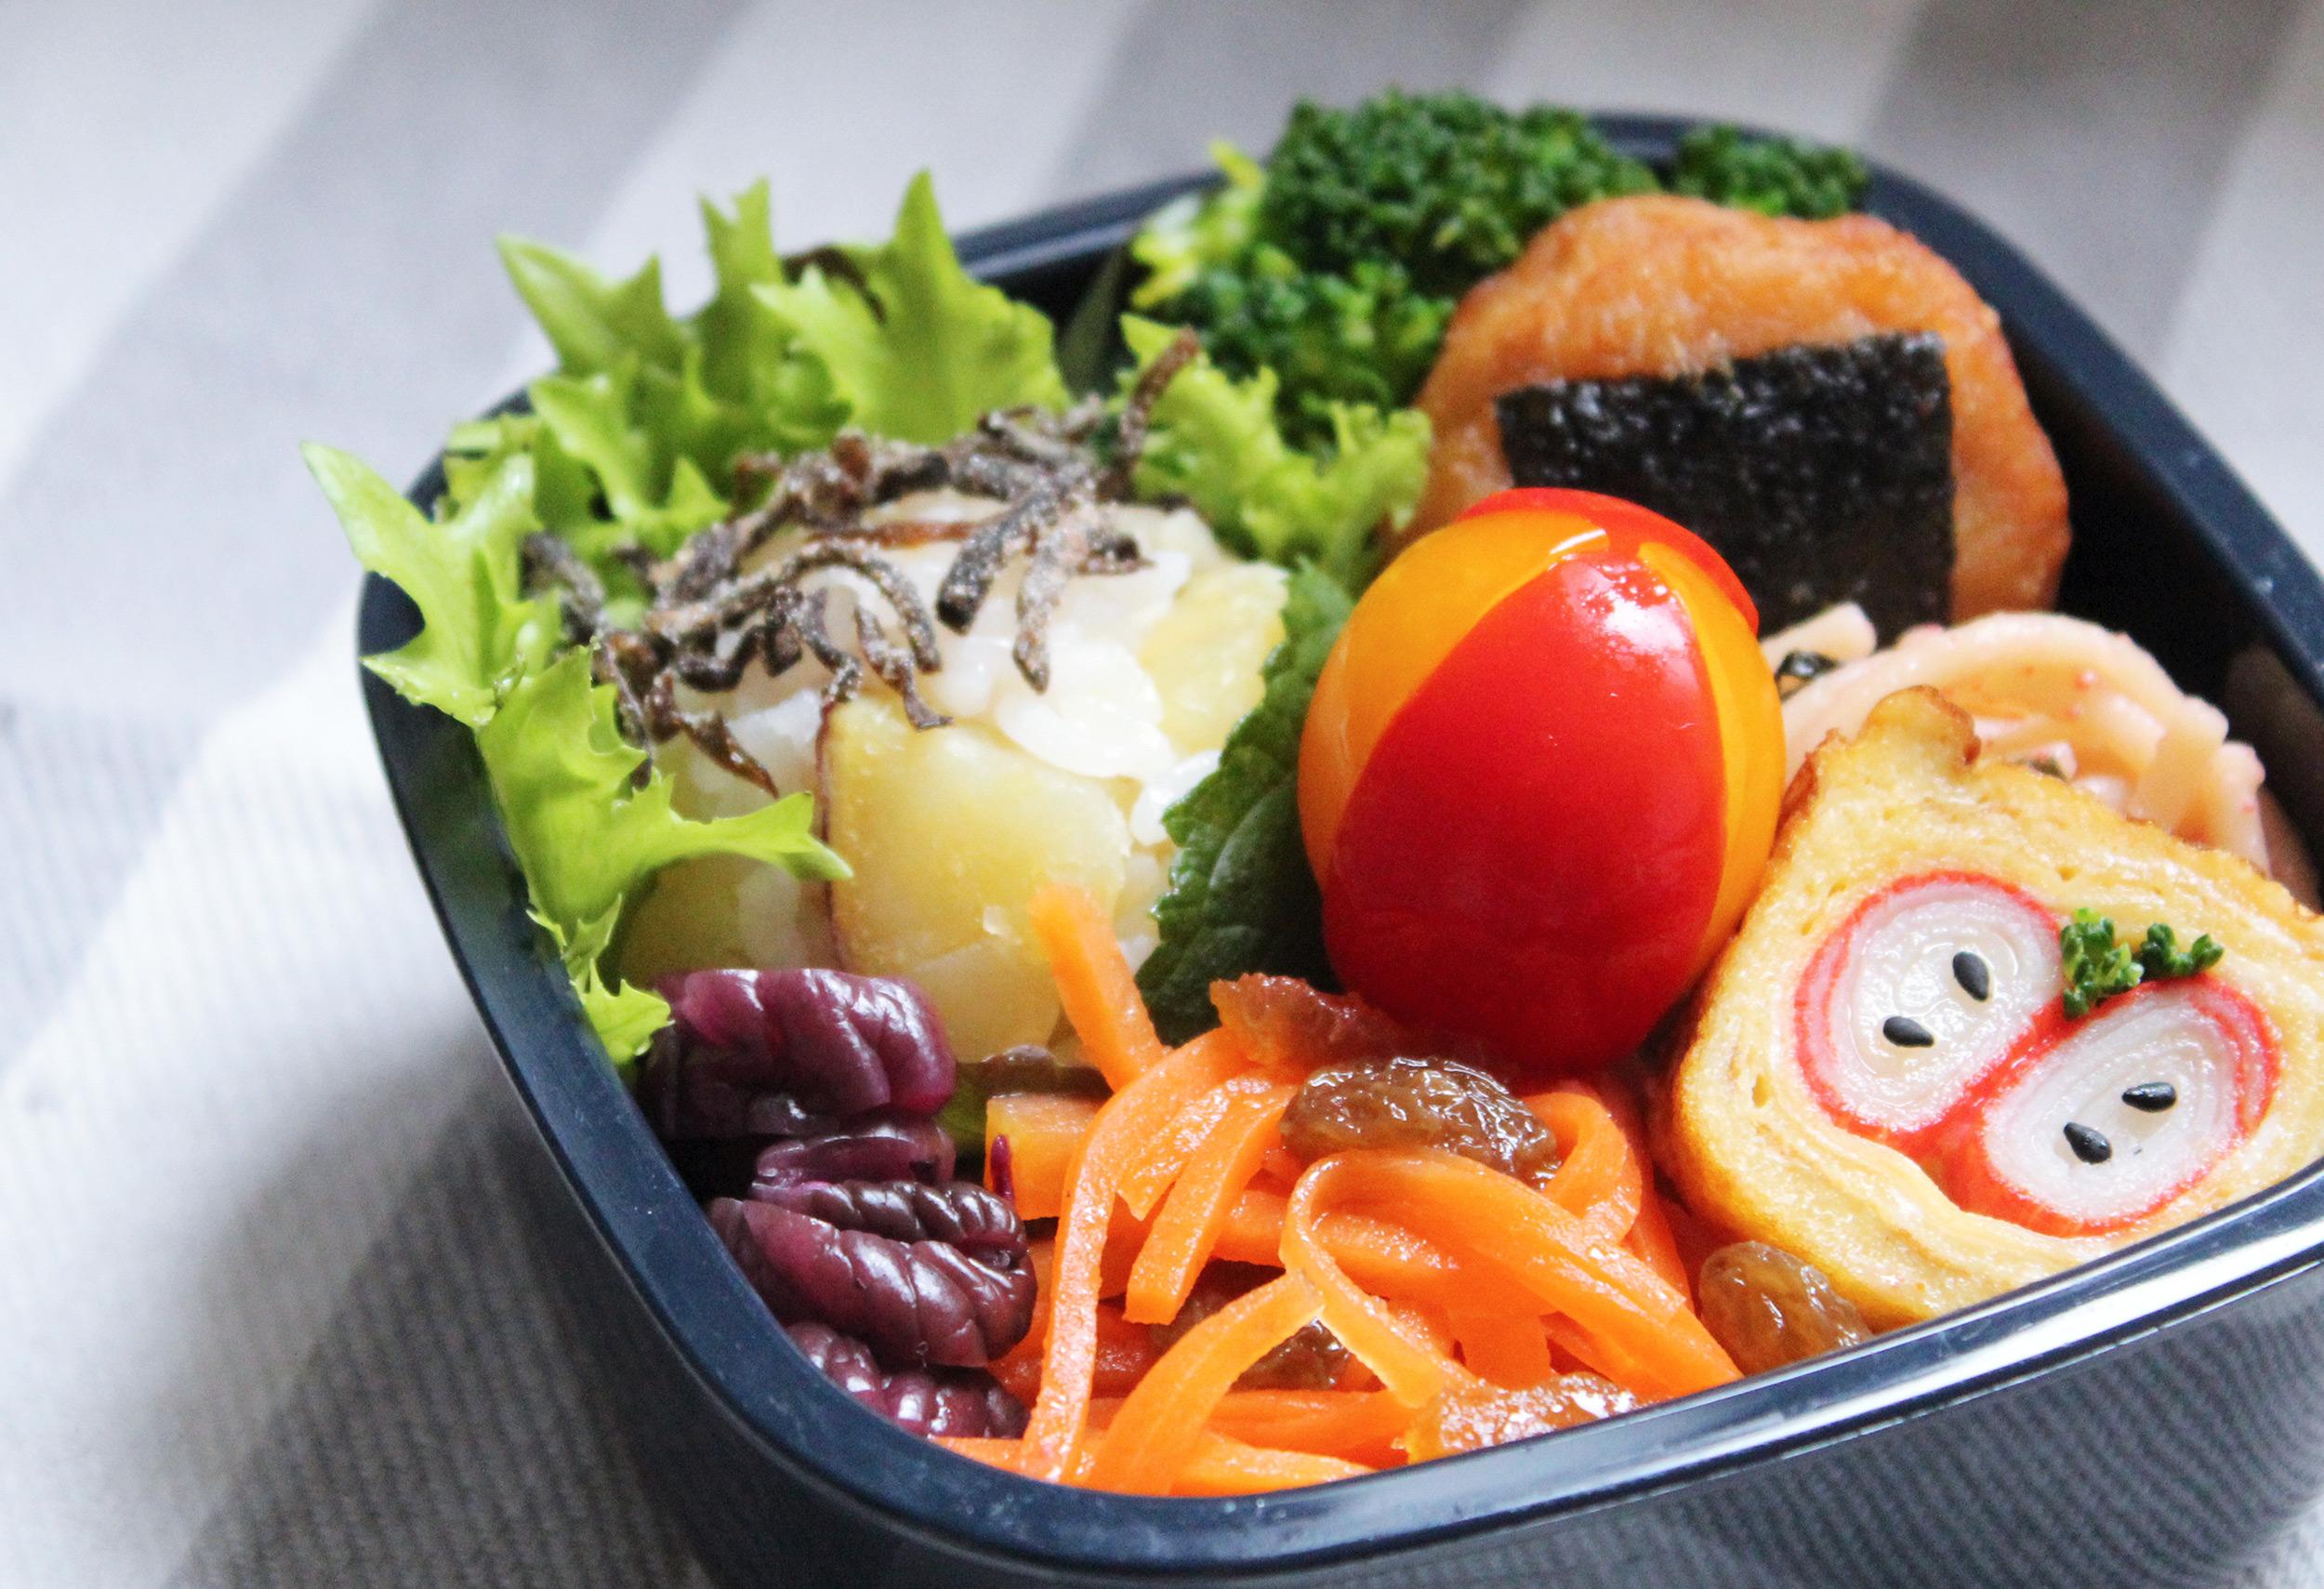 さつま芋ごはんのおこさま弁当 - お弁当の詰め方と盛り付けのコツ - 幼稚園年少さん